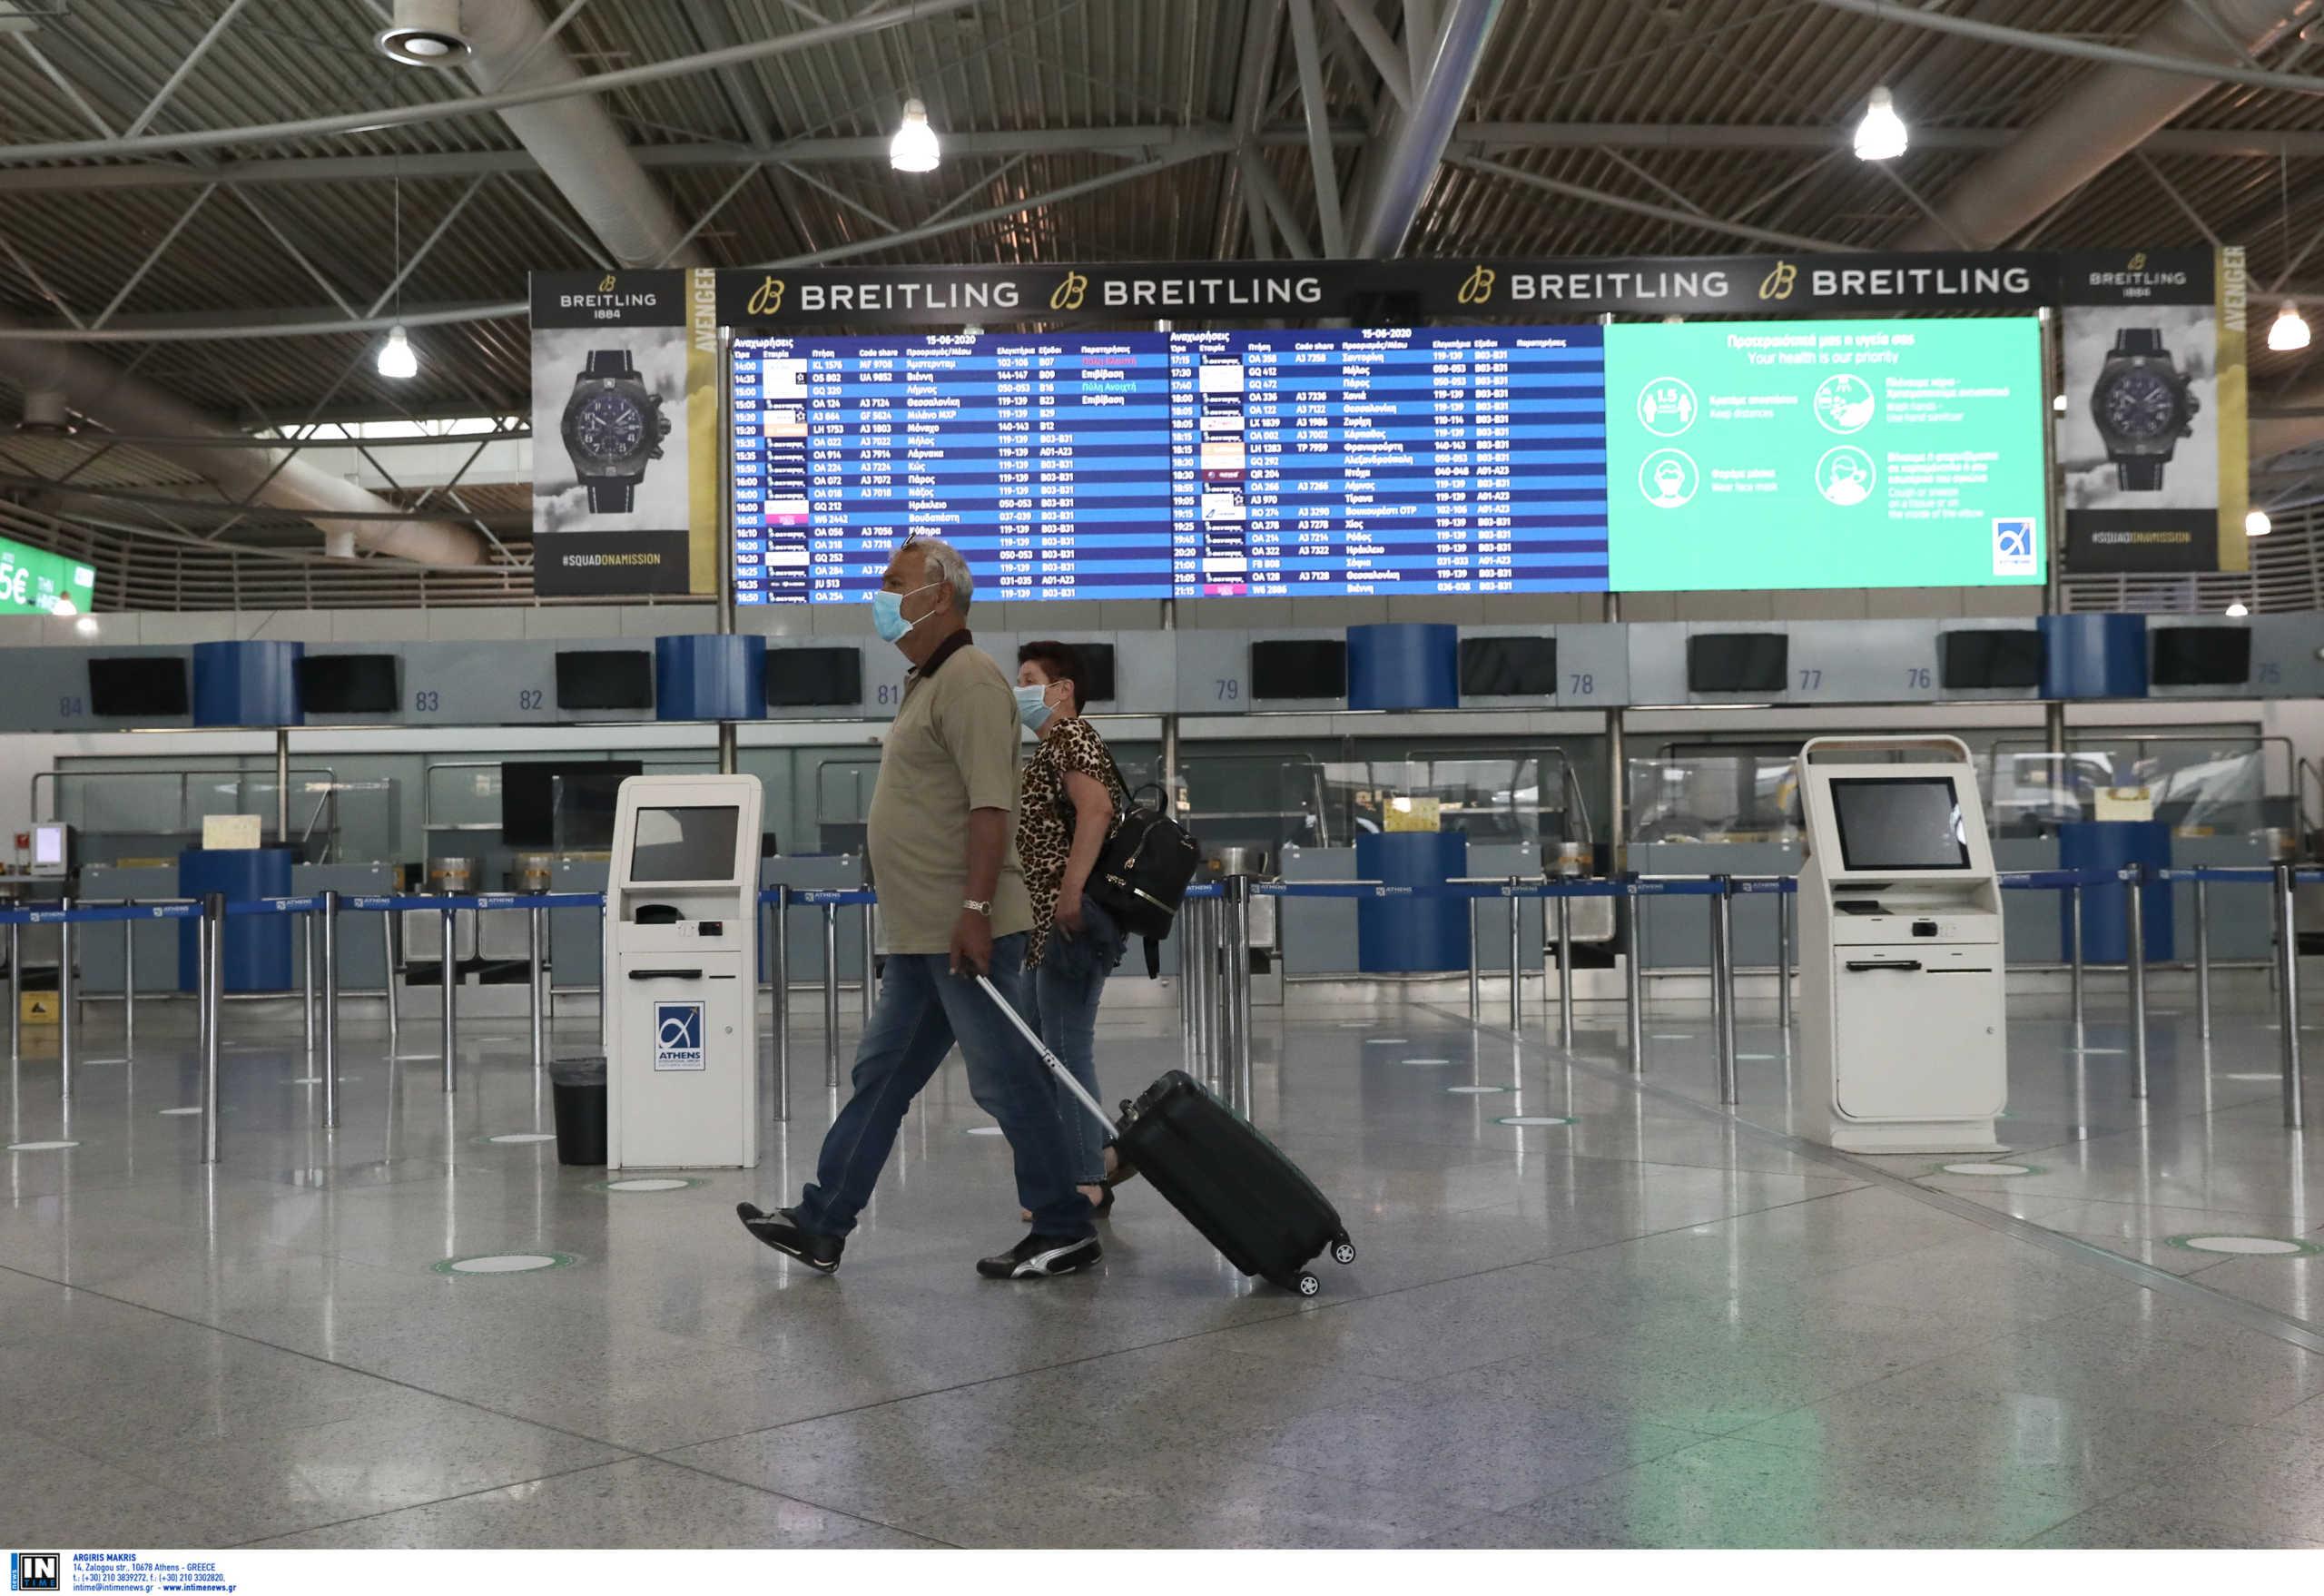 Χωρίς καραντίνα στην Ελλάδα οι εμβολιασμένοι ισραηλινοί ταξιδιώτες – Τι λέει η ΝΟΤΑΜ